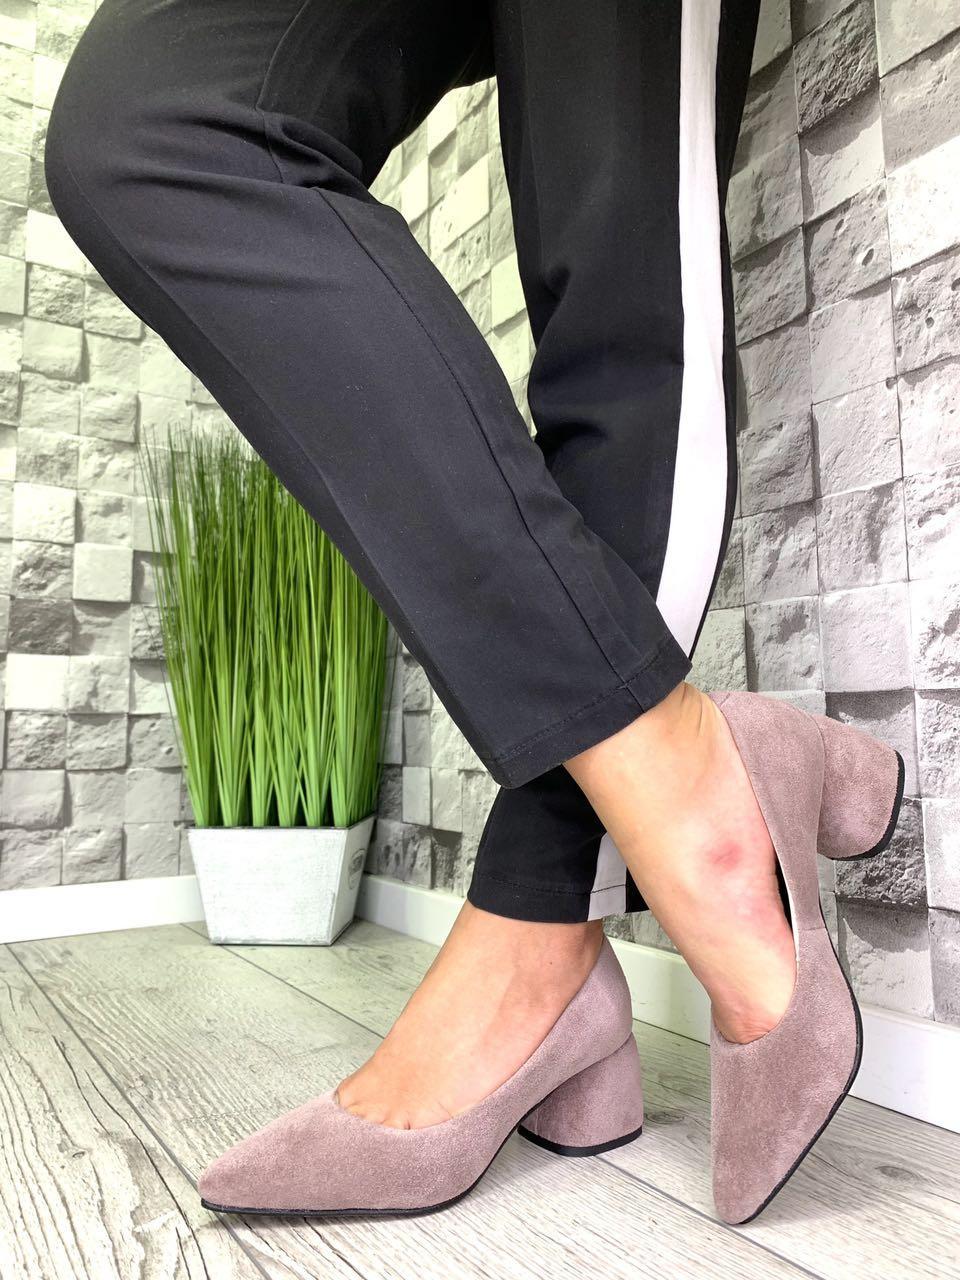 Женские туфли-лодочки из натуральной замши на каблуке беж